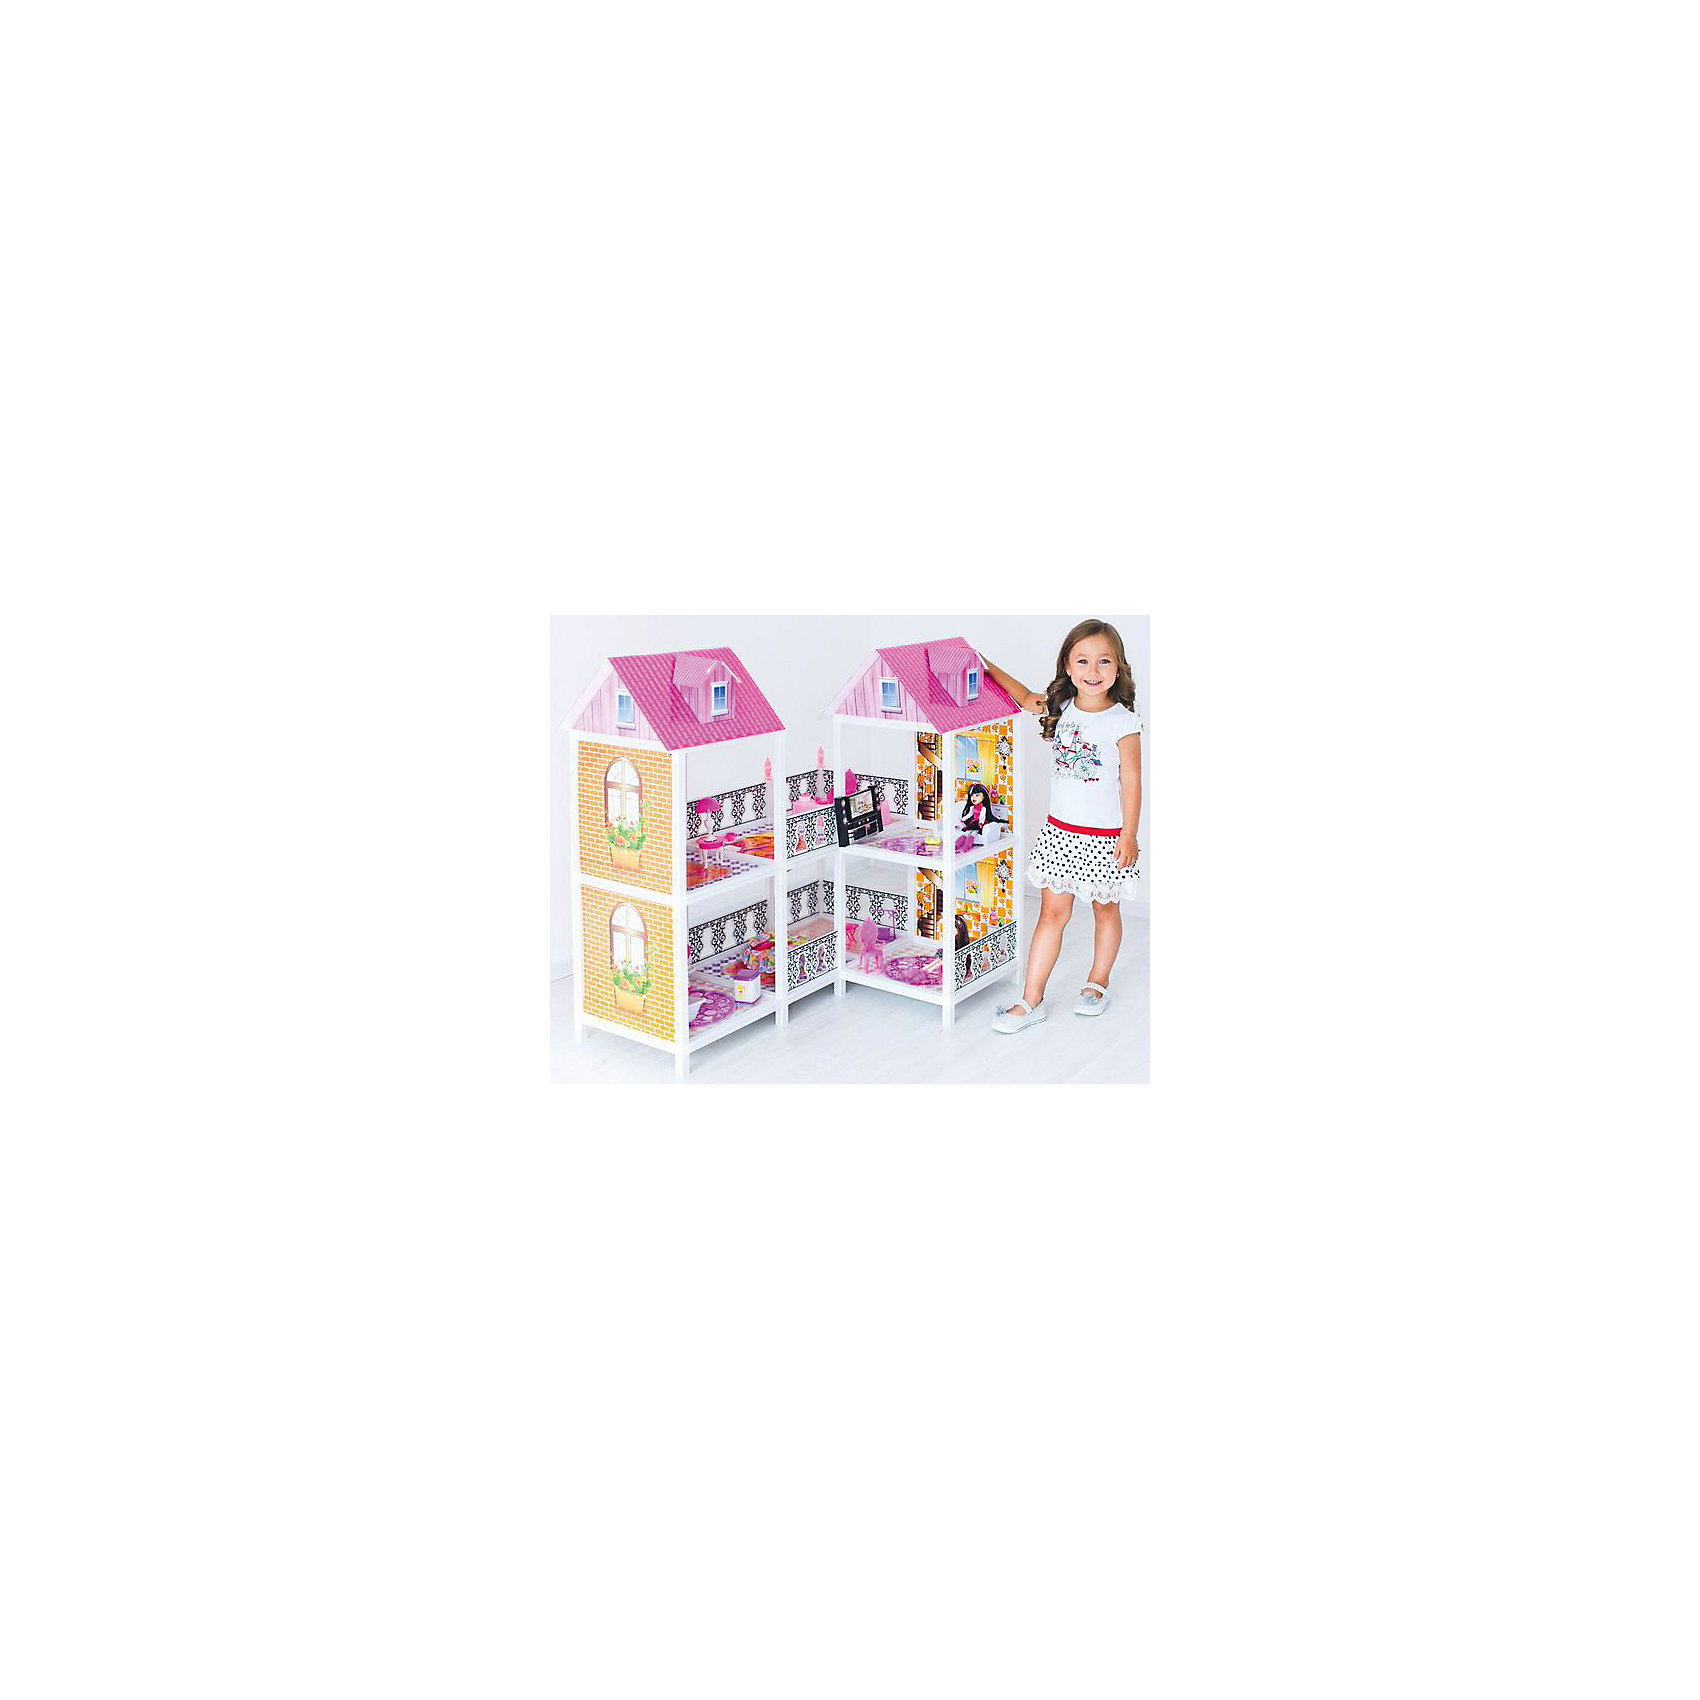 2-этажный кукольный дом (угловой, 4 комнаты, мебель, 2 куклы), PAREMO2-этажный кукольный дом (угловой, 4 комнаты, мебель, 2 куклы), PAREMO (Паремо).<br><br>Характеристики:<br><br>? Материал: пластик, картон, текстиль.<br>? Домик имеет открытую конструкцию<br>? 2 этажа, 4 комнаты, открытый балкон.<br>? Цвет: розовый, белый.<br>? Подходит для кукол высотой до 30 см. (Так называемый, Барби-формат).<br>? Конструкция продается в разобранном виде. Инструкция по сборке входит в комплект.<br>? Размер игрушки в собранном виде - 103х14х36 см.<br>? Размер упаковки - 83х44х12 см.<br>? Вес 12 кг. <br><br>В комплекте:<br><br>• 20 предметов мебели: диван, тумба под телевизор, телевизор, домашний кинотеатр, большой обеденный стол, 3 стула, круглая кровать, стол для торшера, торшер, кресло – качалка, унитаз, ванна, стиральная машина, раковина с зеркалом, ведро, уборочная тележка, гладильная доска, утюг.<br>• 2 куклы с аксессуарами.<br><br>2-этажный кукольный дом (угловой, 4 комнаты, мебель, 2 куклы), PAREMO (Паремо) –это игрушка- мечта от российского производителя. Очаровательный дом предназначен для сюжетно-ролевых игр («Семья», «Дочки- матери» и т. п.) Домик выполнен в нежных бело-розовых тонах с ярко- розовой крышей, имитирующей черепичную кладку. Внутренний декор поддерживает цветовое решение. Стены, пол, потолок декорированы под различные типы покрытий- плитка, обои, ковролин. В доме 2 этажа, 4 просторных комнаты. Юная леди, проявив фантазию, самостоятельно может расположить комнаты по своему вкусу. Игры с таким домиком помогают развить в девочке фантазию, творческие способности, поможет ребенку почувствовать себя взрослой и самостоятельной. Материалы, из которых изготовлен домик, полностью соответствуют российским стандартам безопасности. Ваша малышка будет счастлива, получить в подарок славный нарядный домик для своих любимых кукол!<br><br>2-этажный кукольный дом (угловой, 4 комнаты, мебель, 2 куклы), PAREMO, можно купить в нашем интернет – магазине.<br><br>Ширина мм: 830<br>